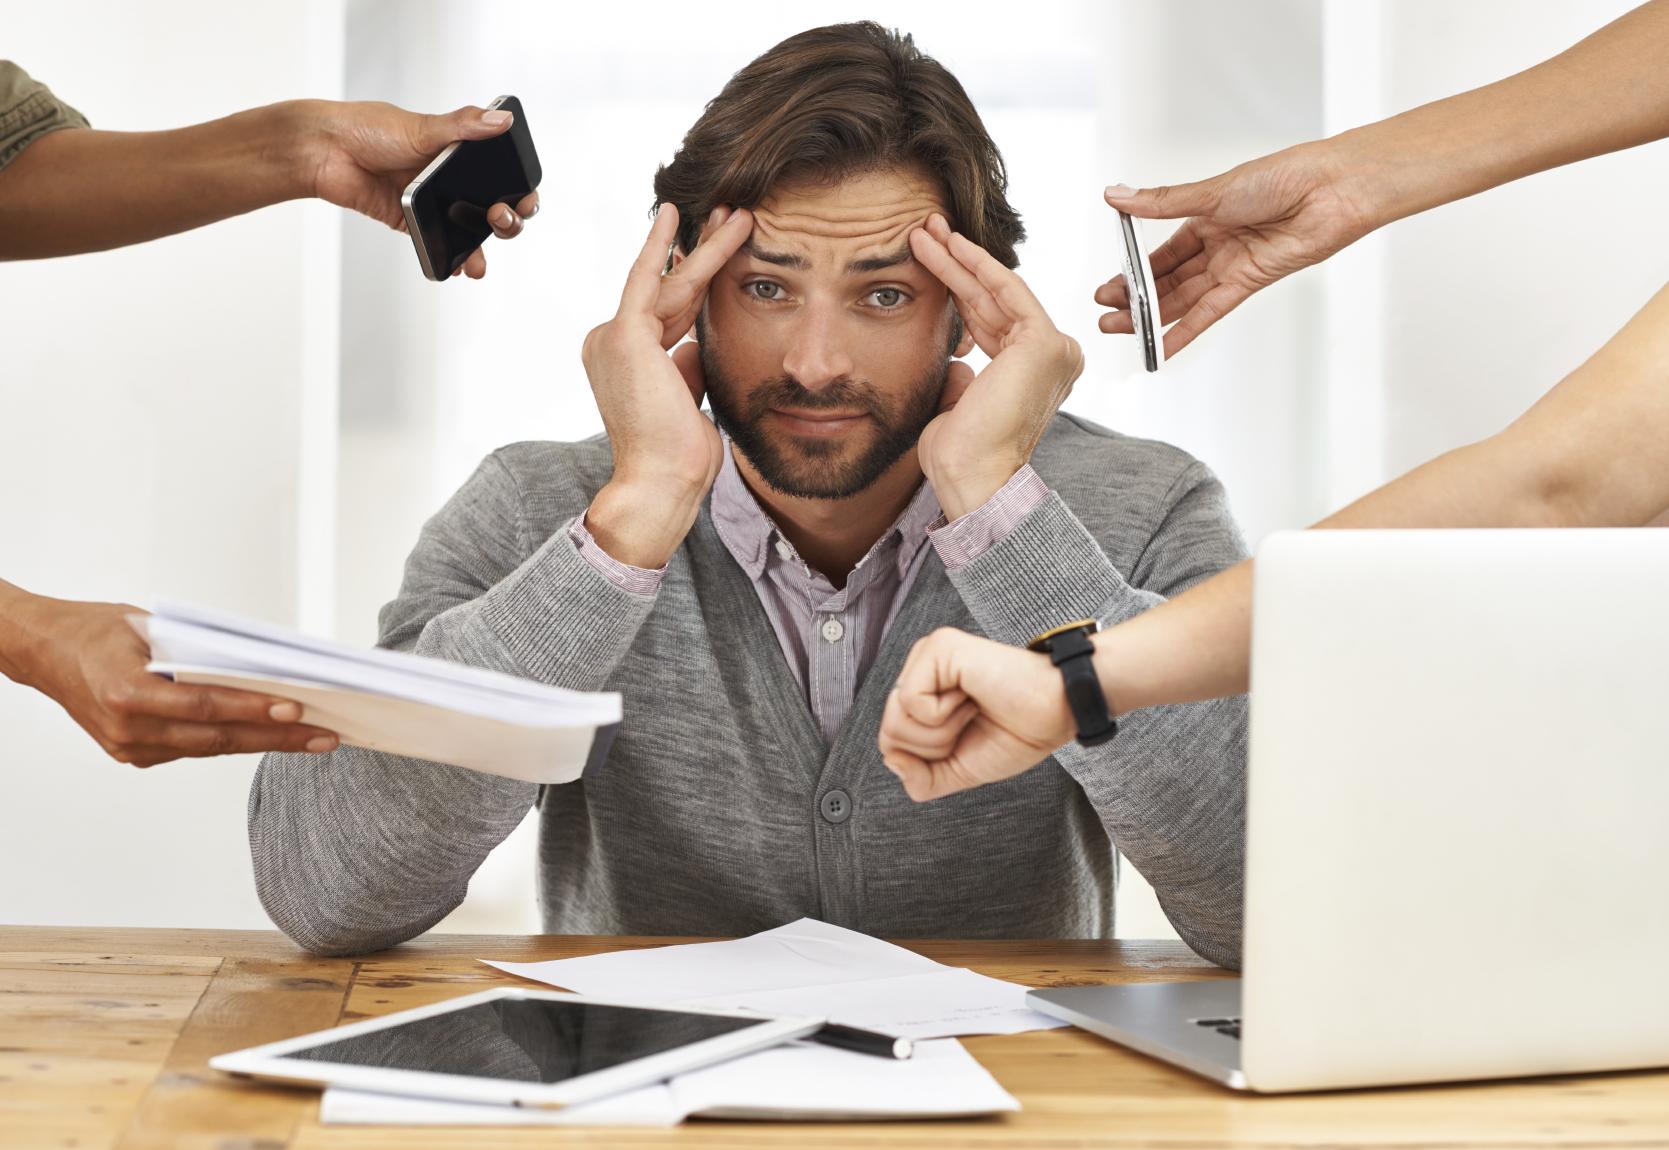 Keep-Stress-to-a-Minimum